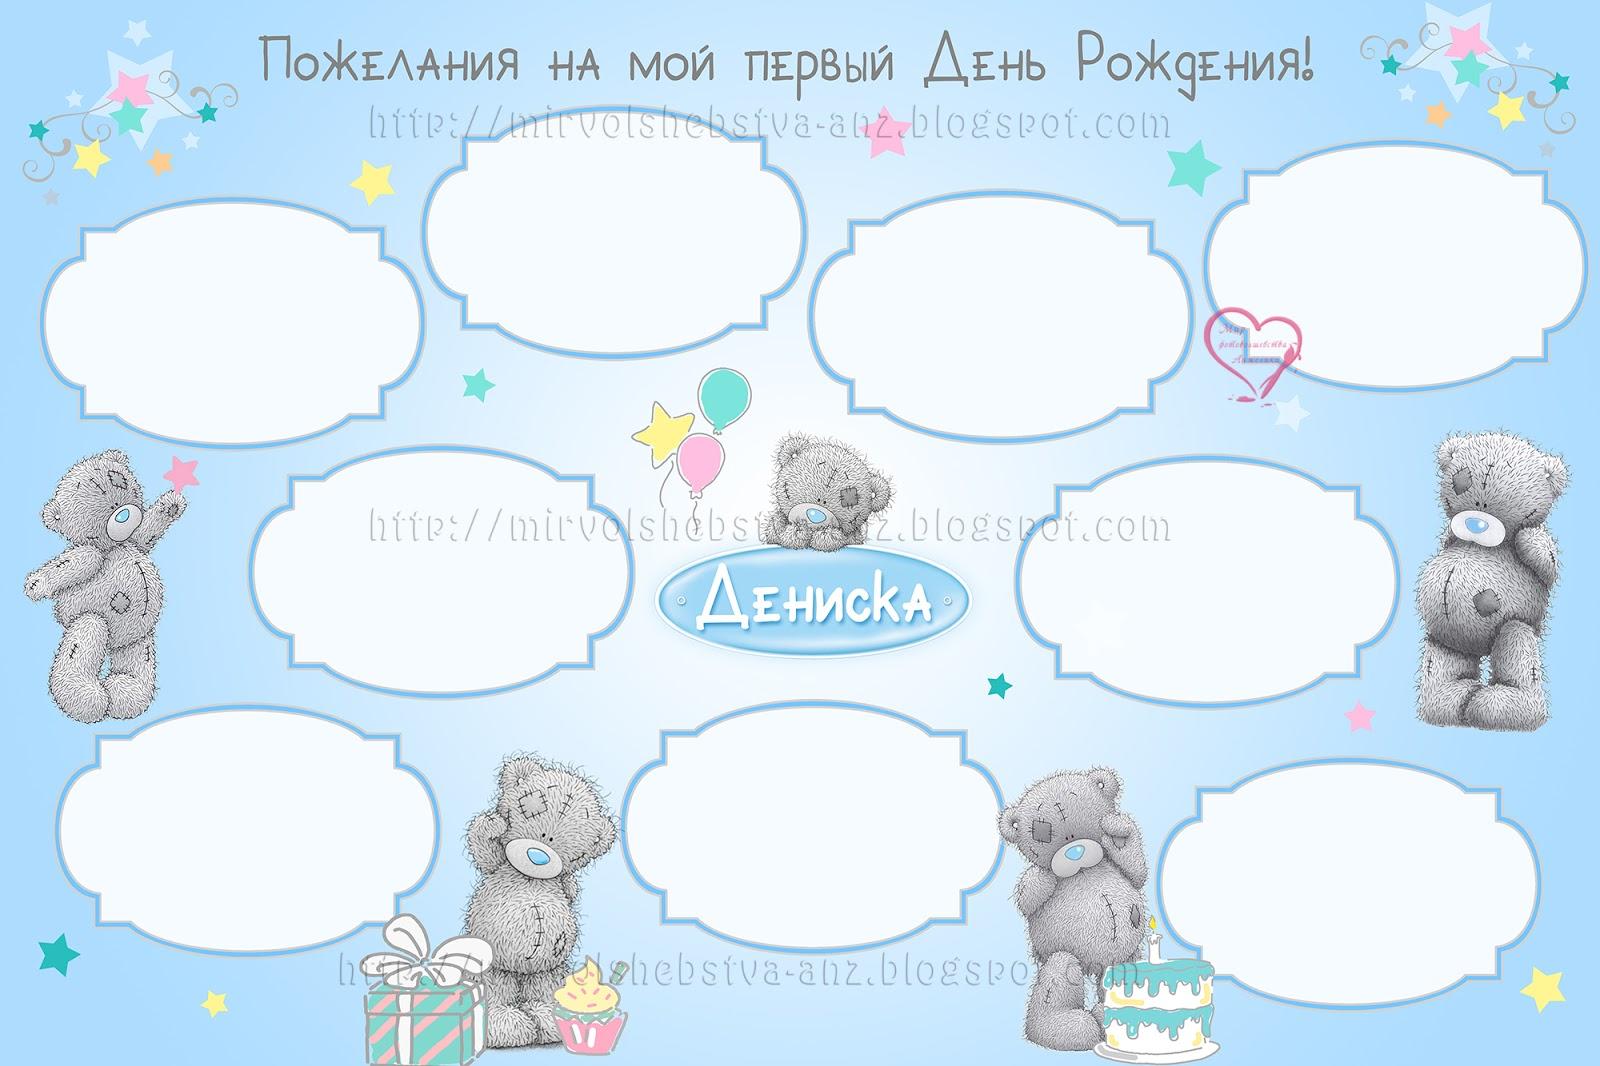 плакат с пожеланиями на память они